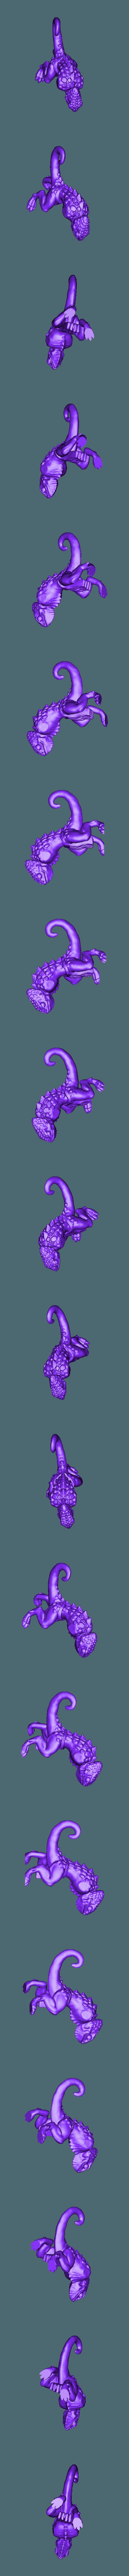 body_v2.stl Télécharger fichier STL gratuit Miniatures de guerriers caméléons • Design à imprimer en 3D, Ilhadiel